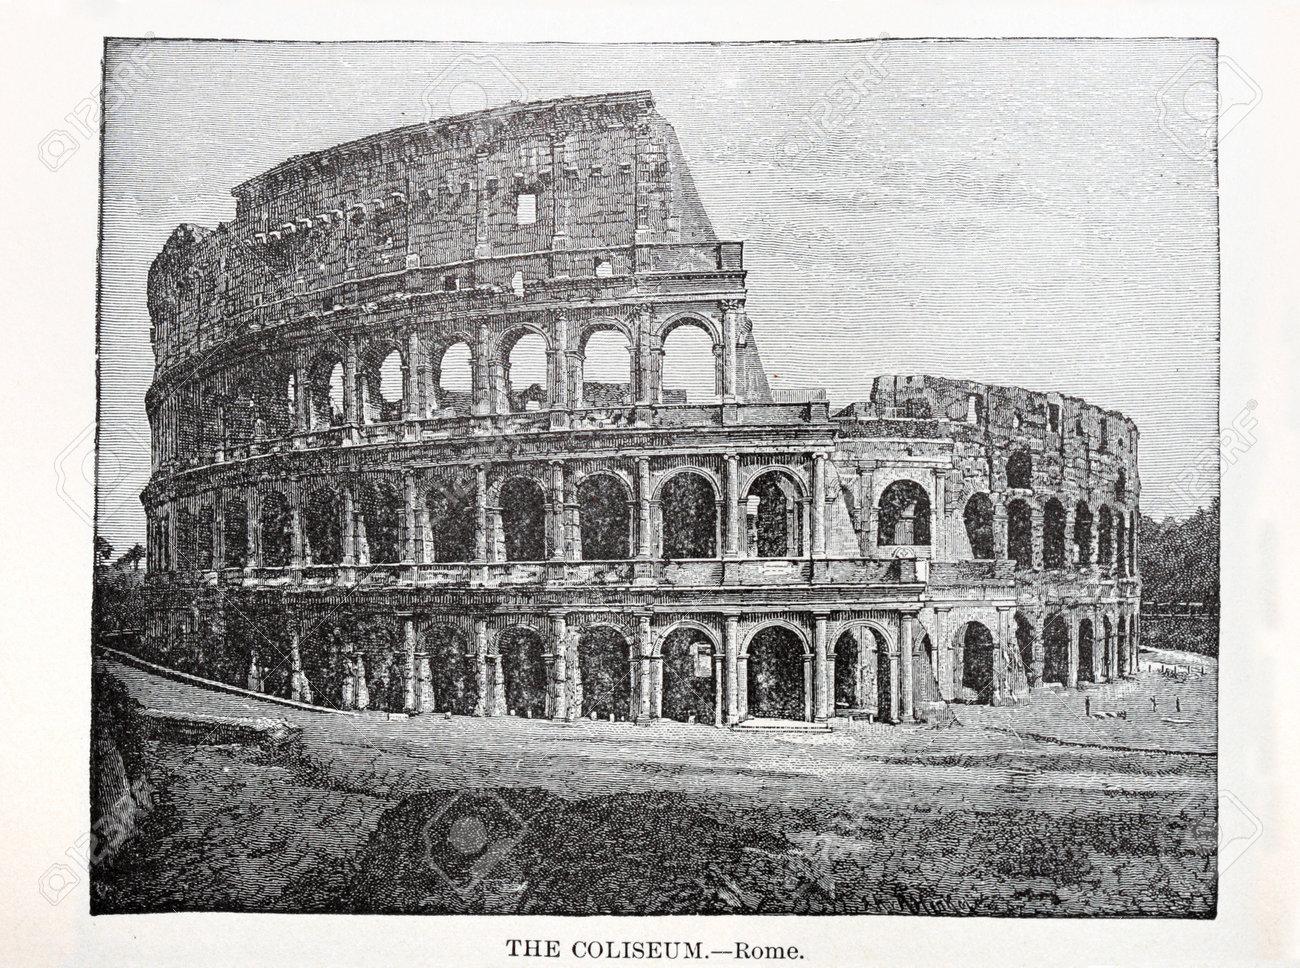 Impresión Antigua Del Coliseo Romano De Un Libro De 1896 Fotos